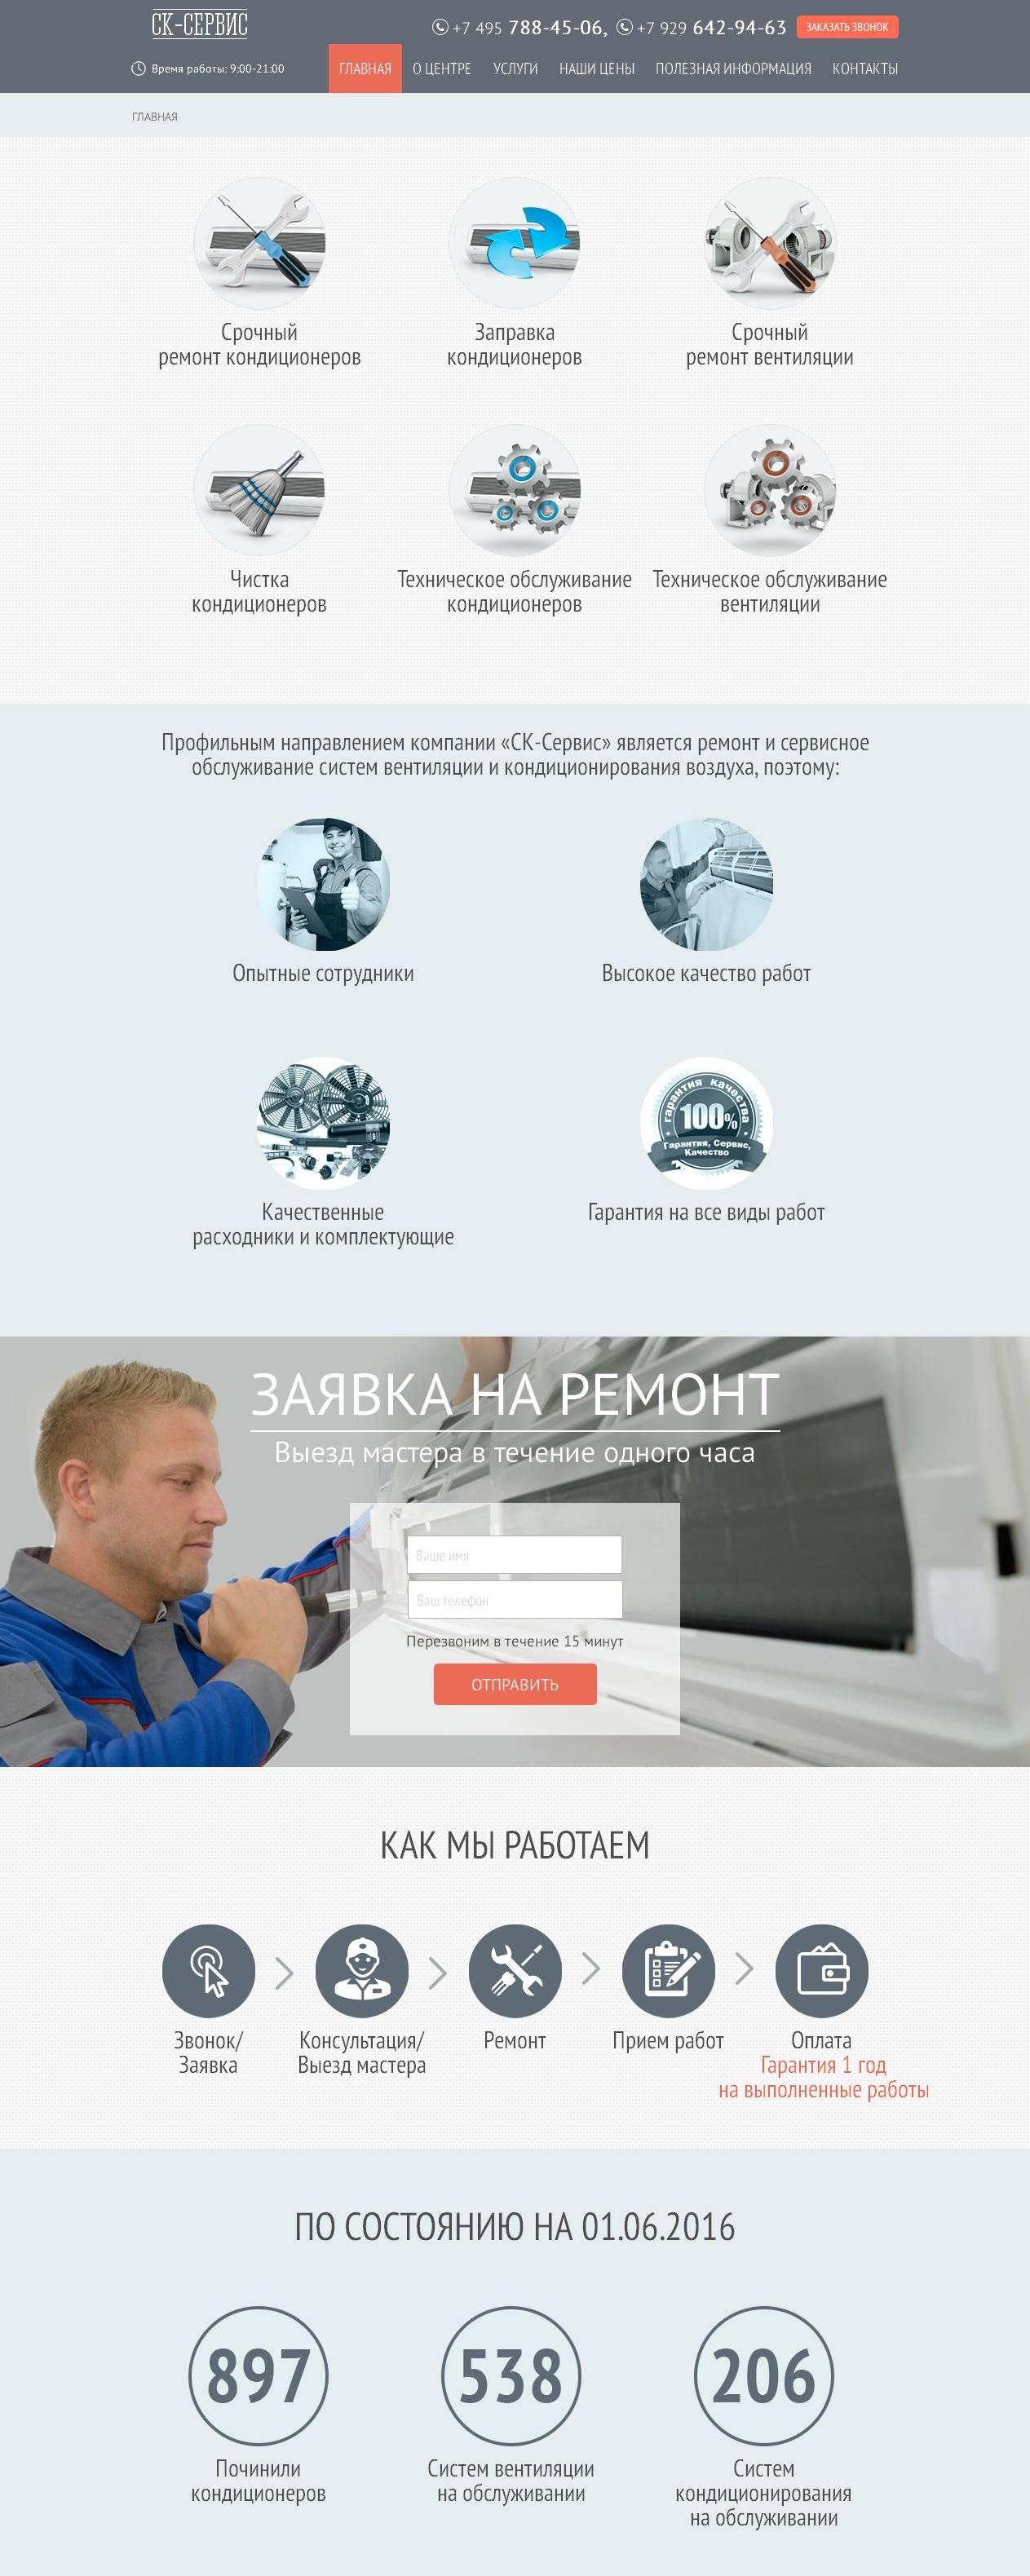 Skservise.ru - обслуживание и ремонт кондиционеров